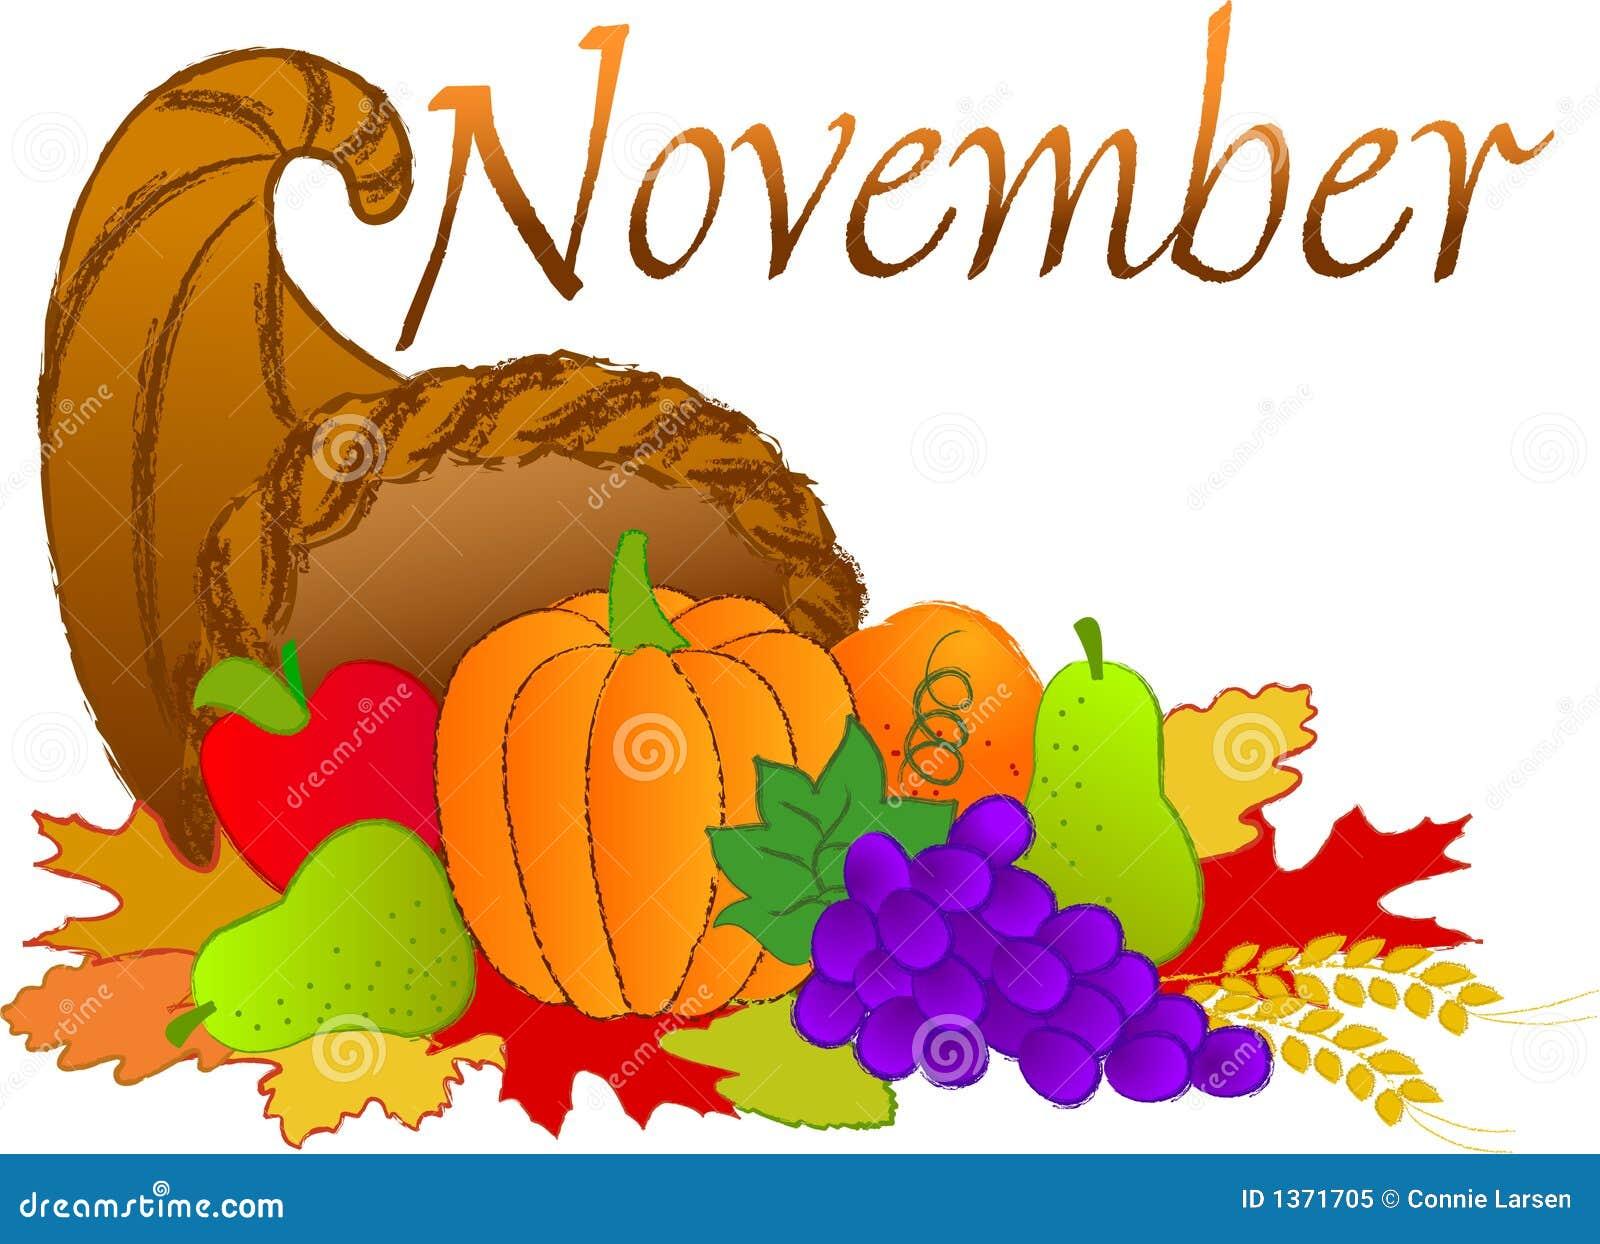 Thanksgiving Calendar Art : November scene stock illustration of drawing